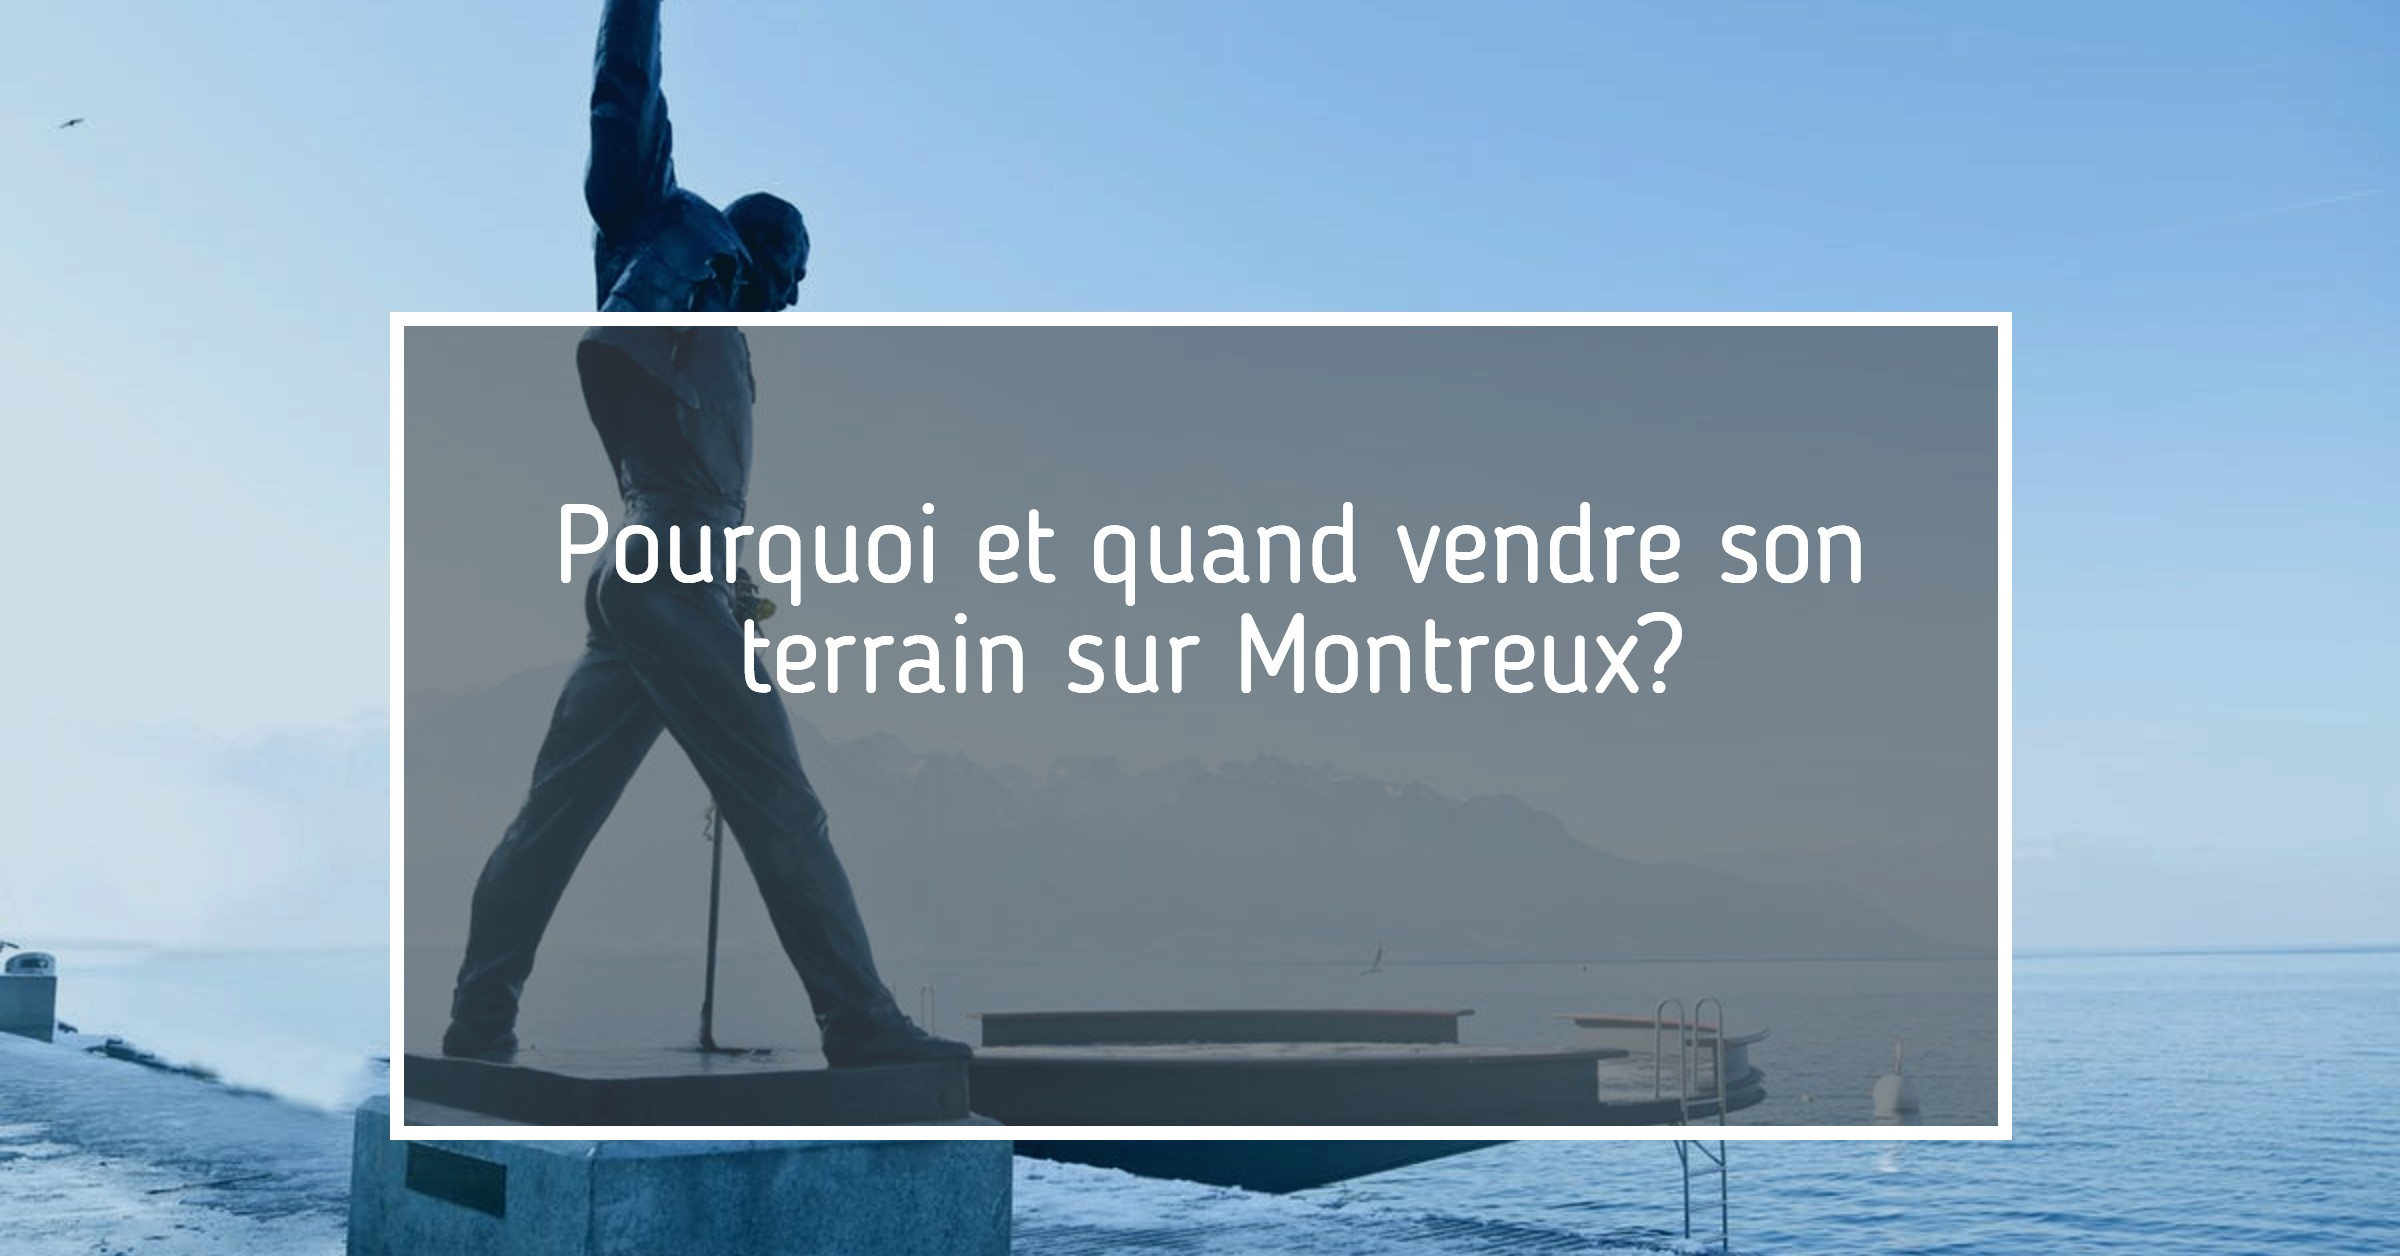 Vendre son terrain Montreux